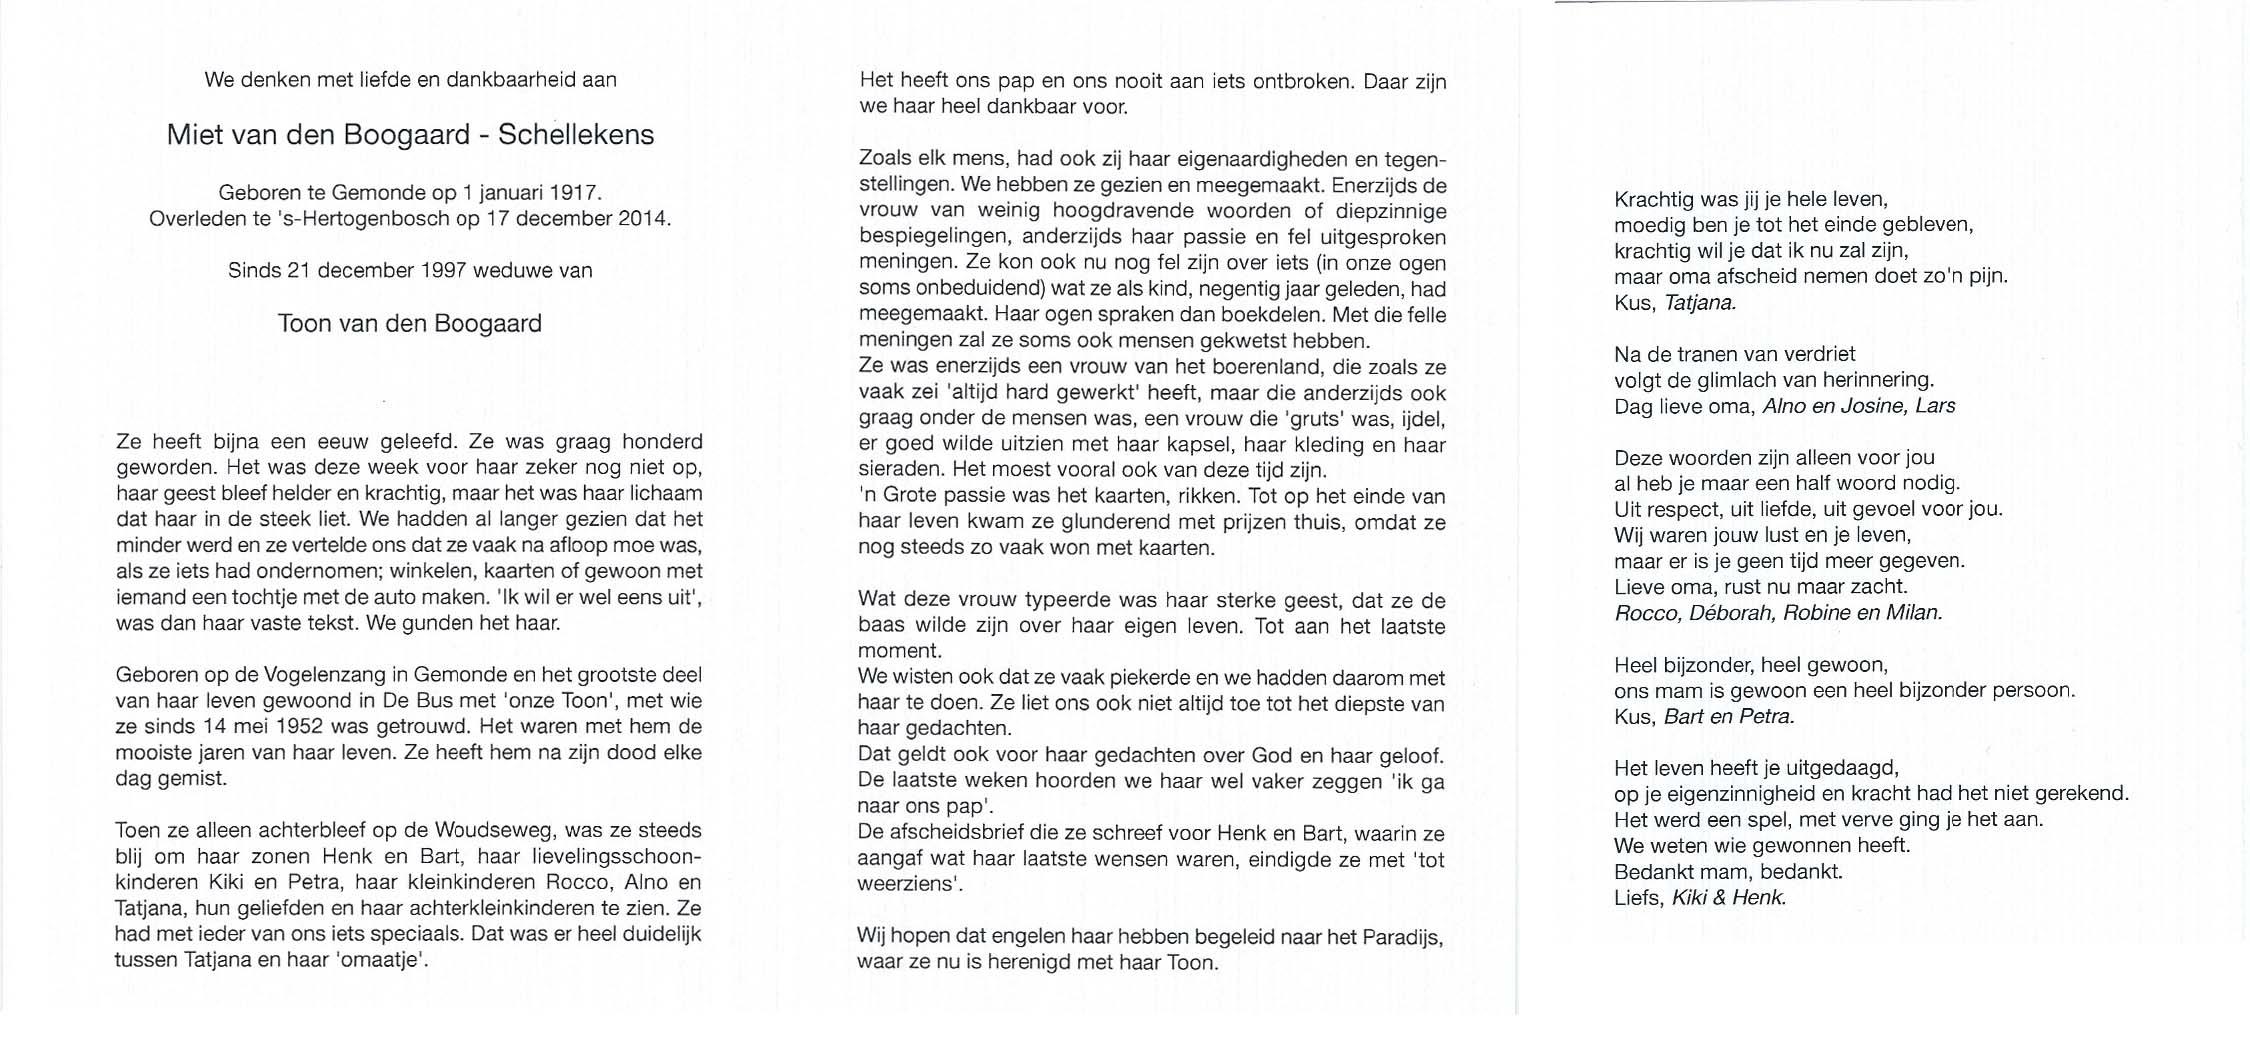 Bidprentje van Bidprentjes Van den Berg - met ruim 47 duizend scans uit de bidprentjesverzameling van J.P.P. van den Berg